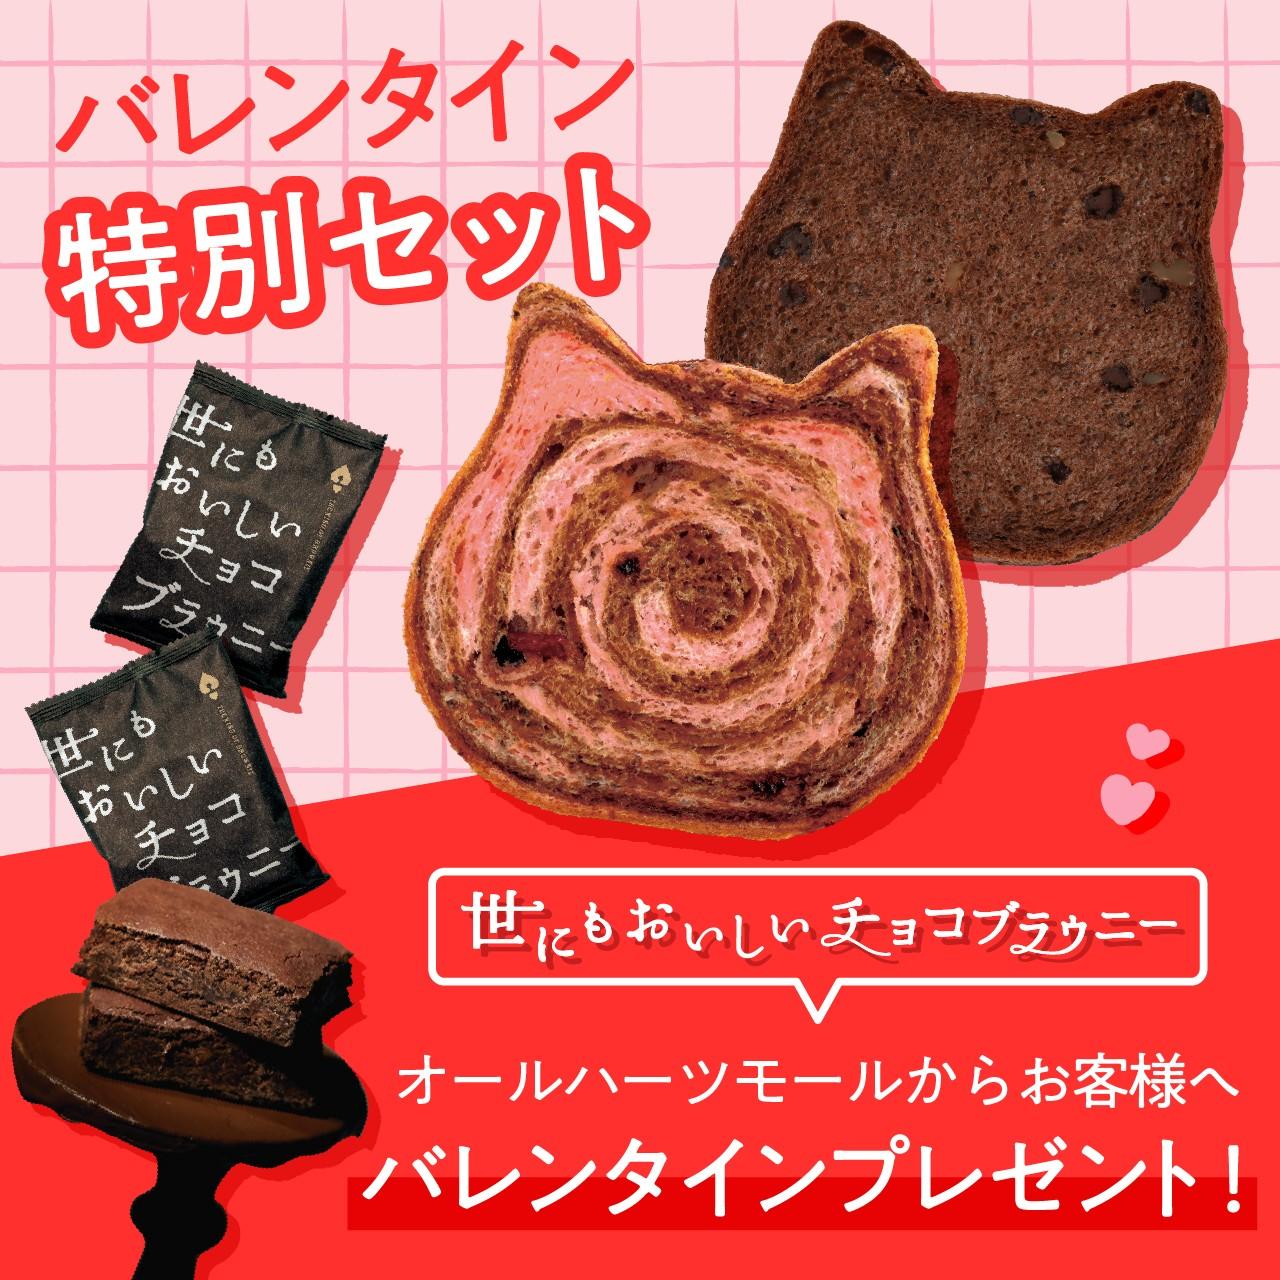 ◆バレンタイン◆ 特別セット、販売中🍫